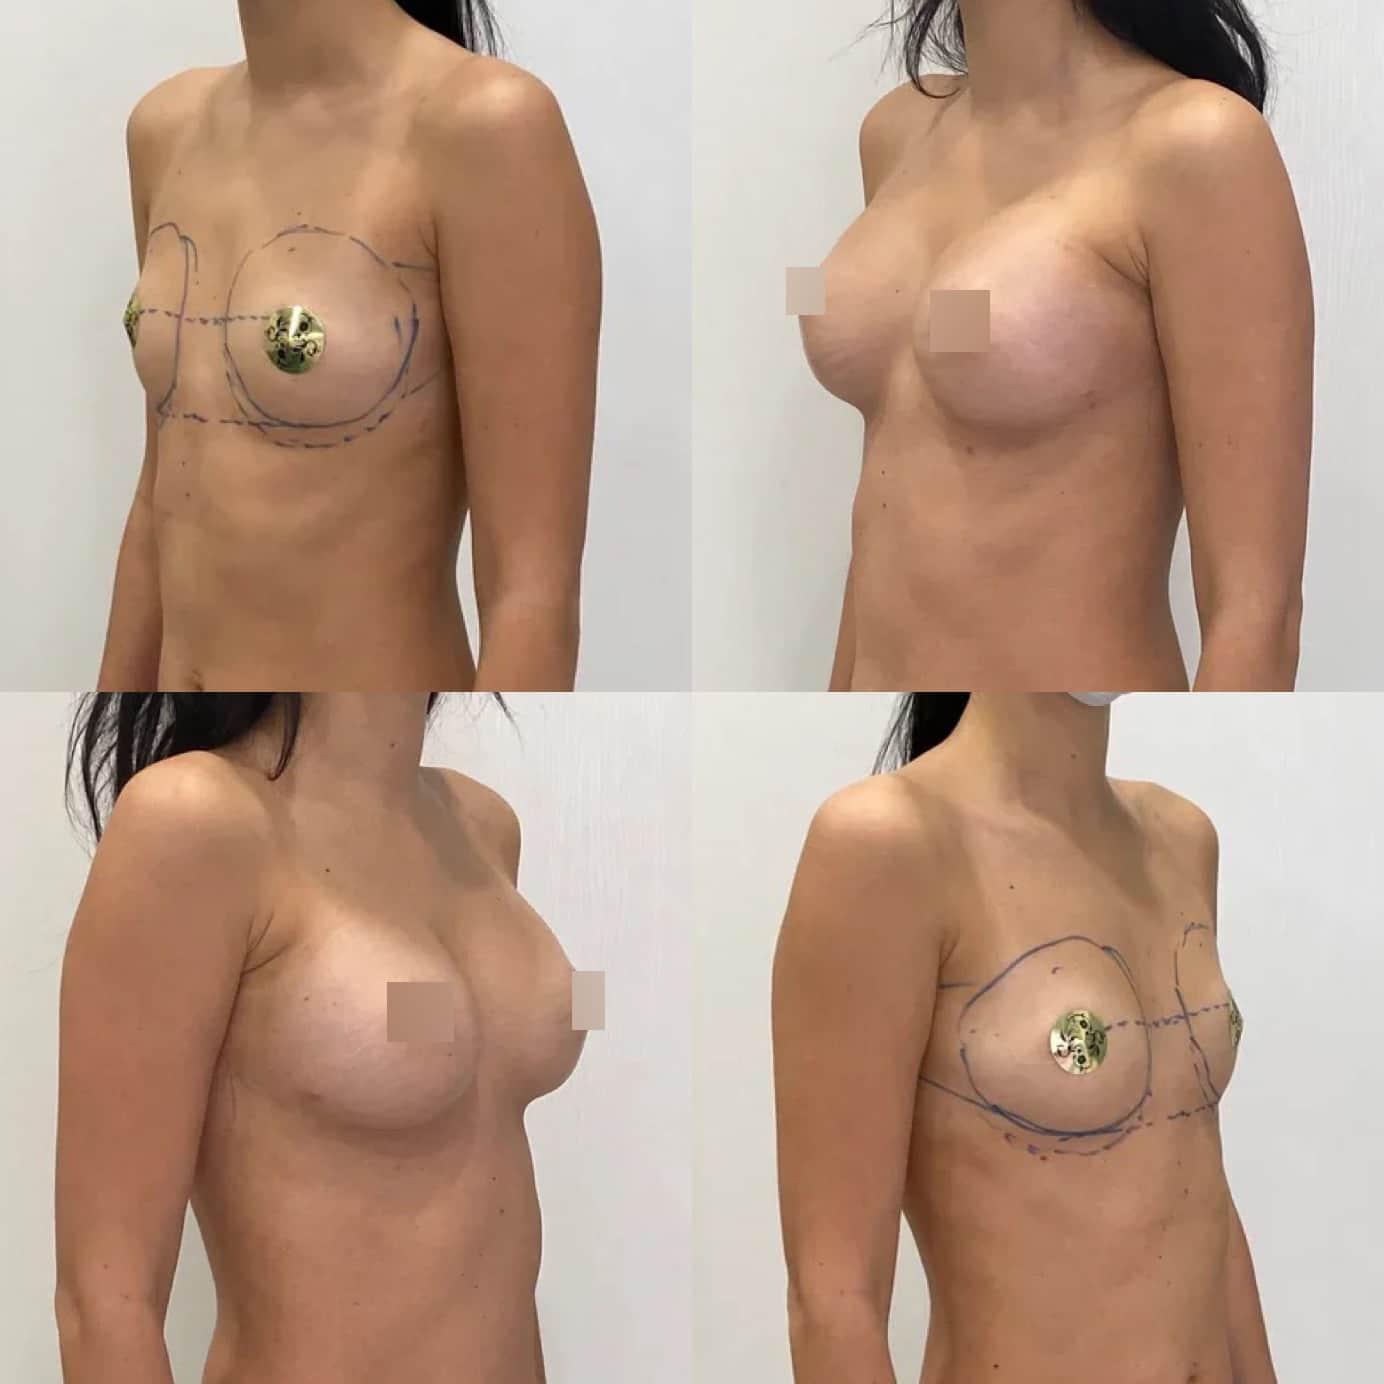 Увеличение груди имплантами 325 гр, трансаксиллярный доступ, спустя 2 недели